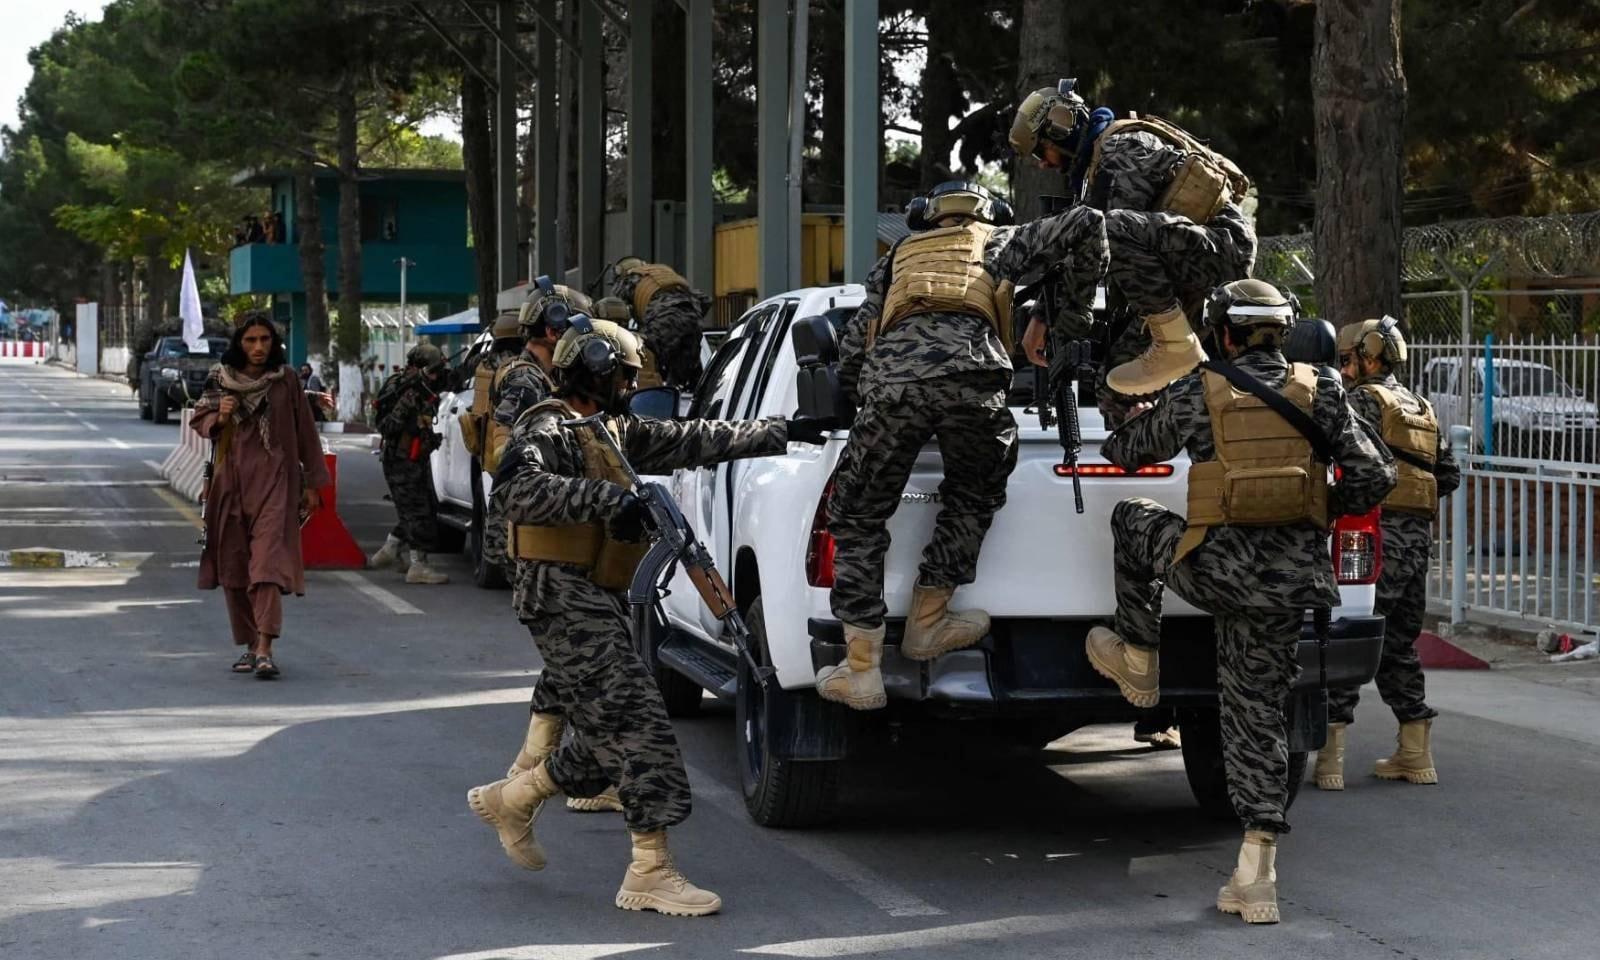 امریکی فوجیوں کے انخلا کے بعد طالبان کی خصوصی فورس ایئرپورٹ کے داخلی دروازے پر موجود ہے — فوٹو: اے ایف پی